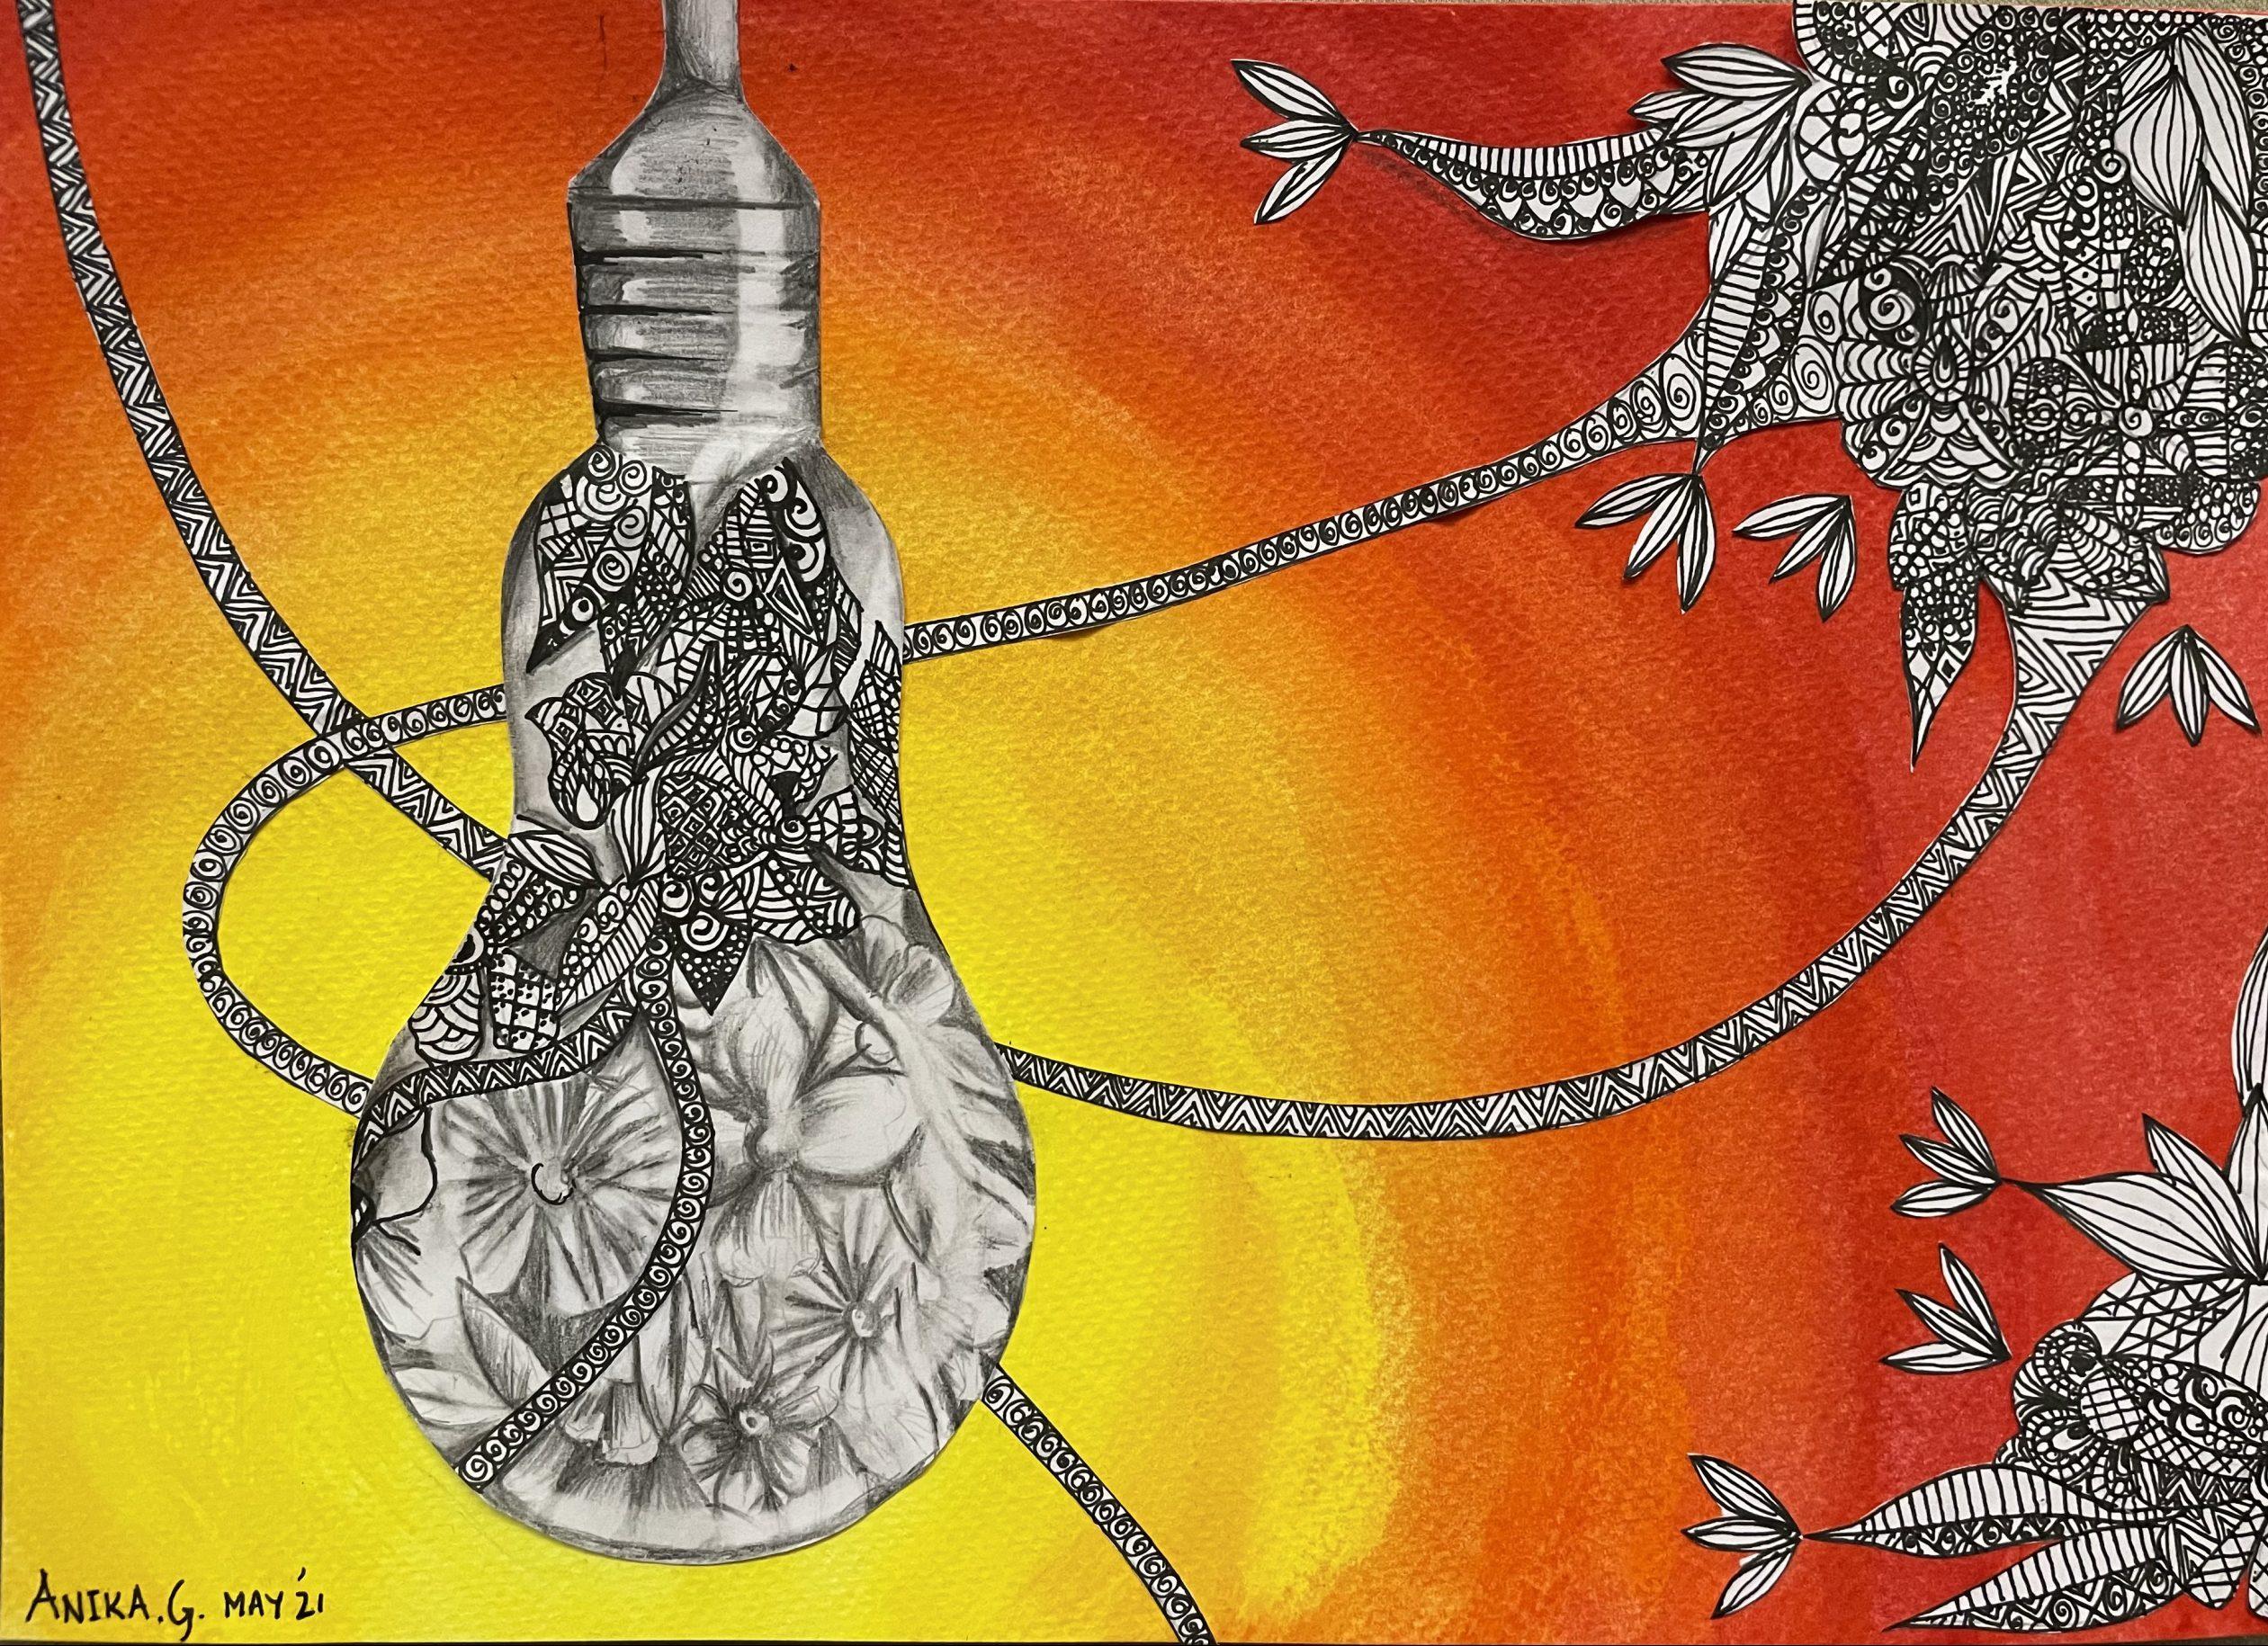 Image reflecting Hope, Corona, Freedom